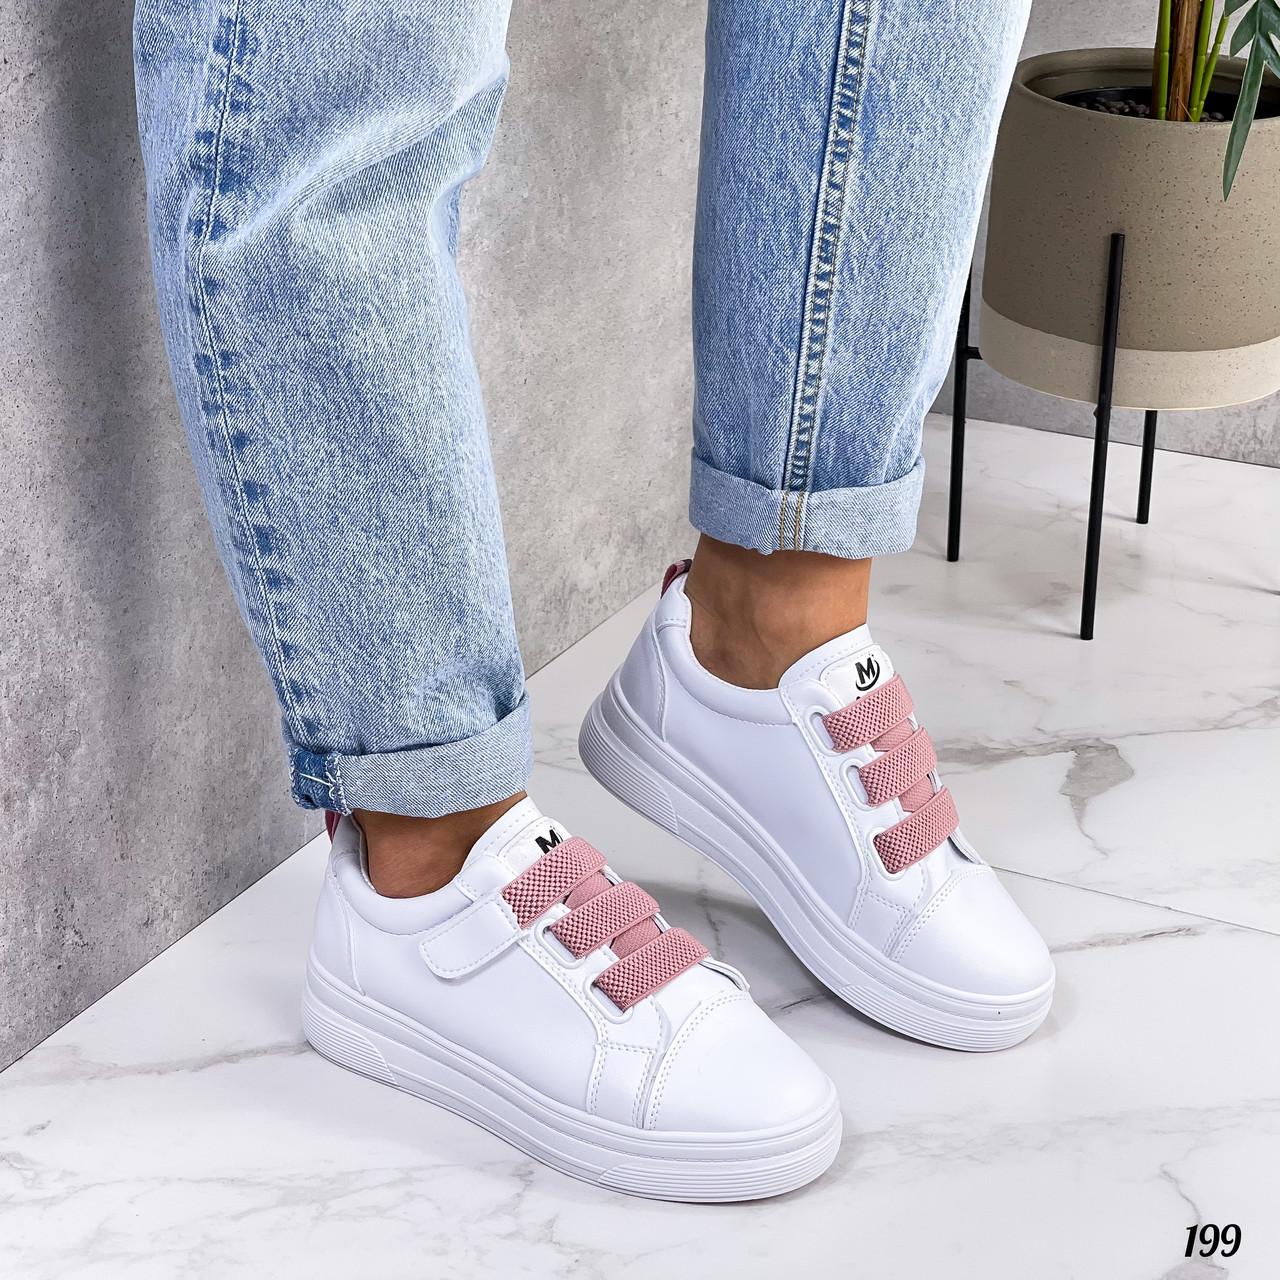 Кеды / кроссовки женские белые  розовым на липучке эко кожа